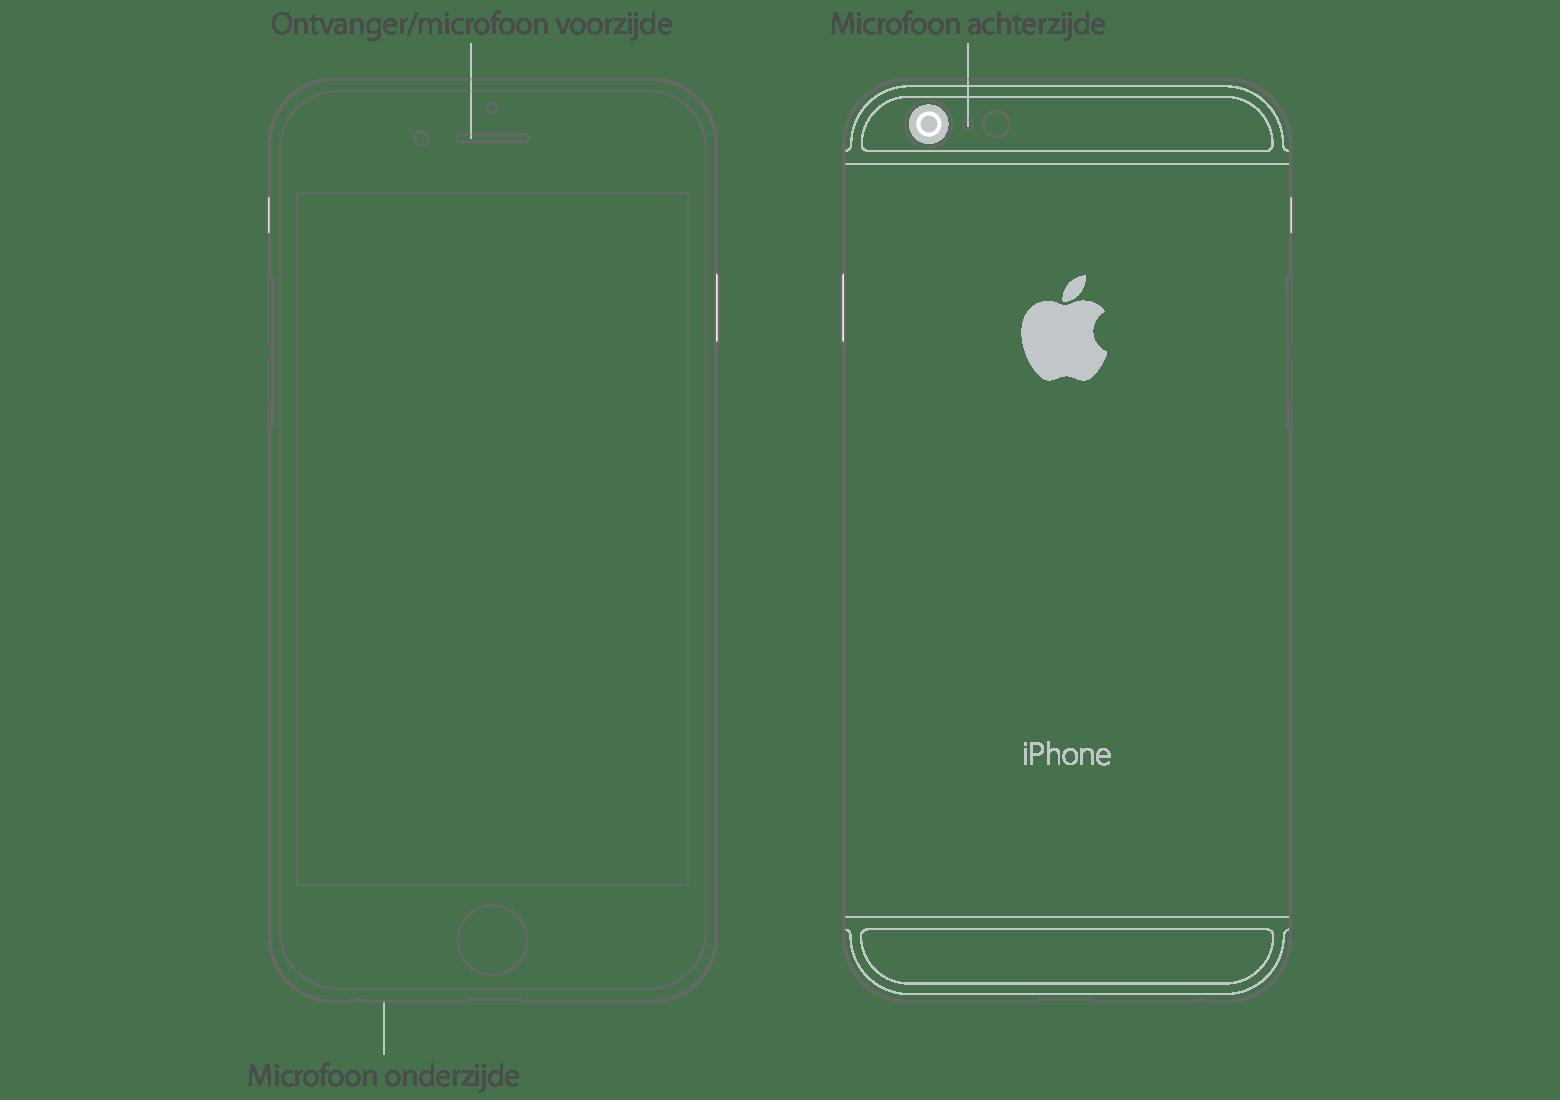 iPhone microfoon werkt niet bij filmen